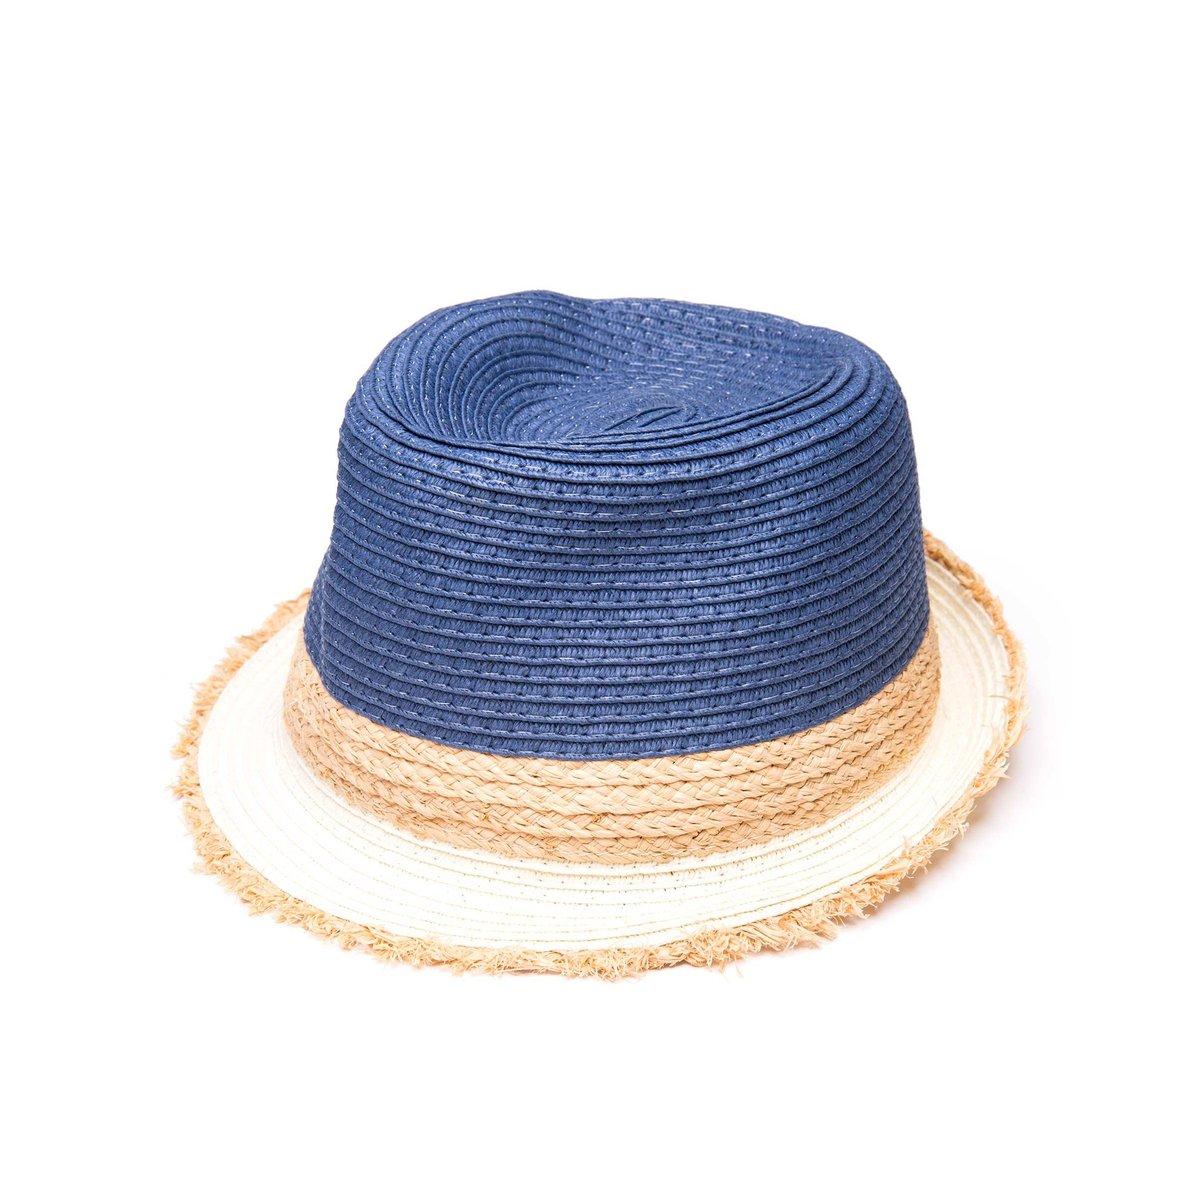 Chapéu AMARO Fedora De Palha - Azul - Compre Agora  280355d8b80